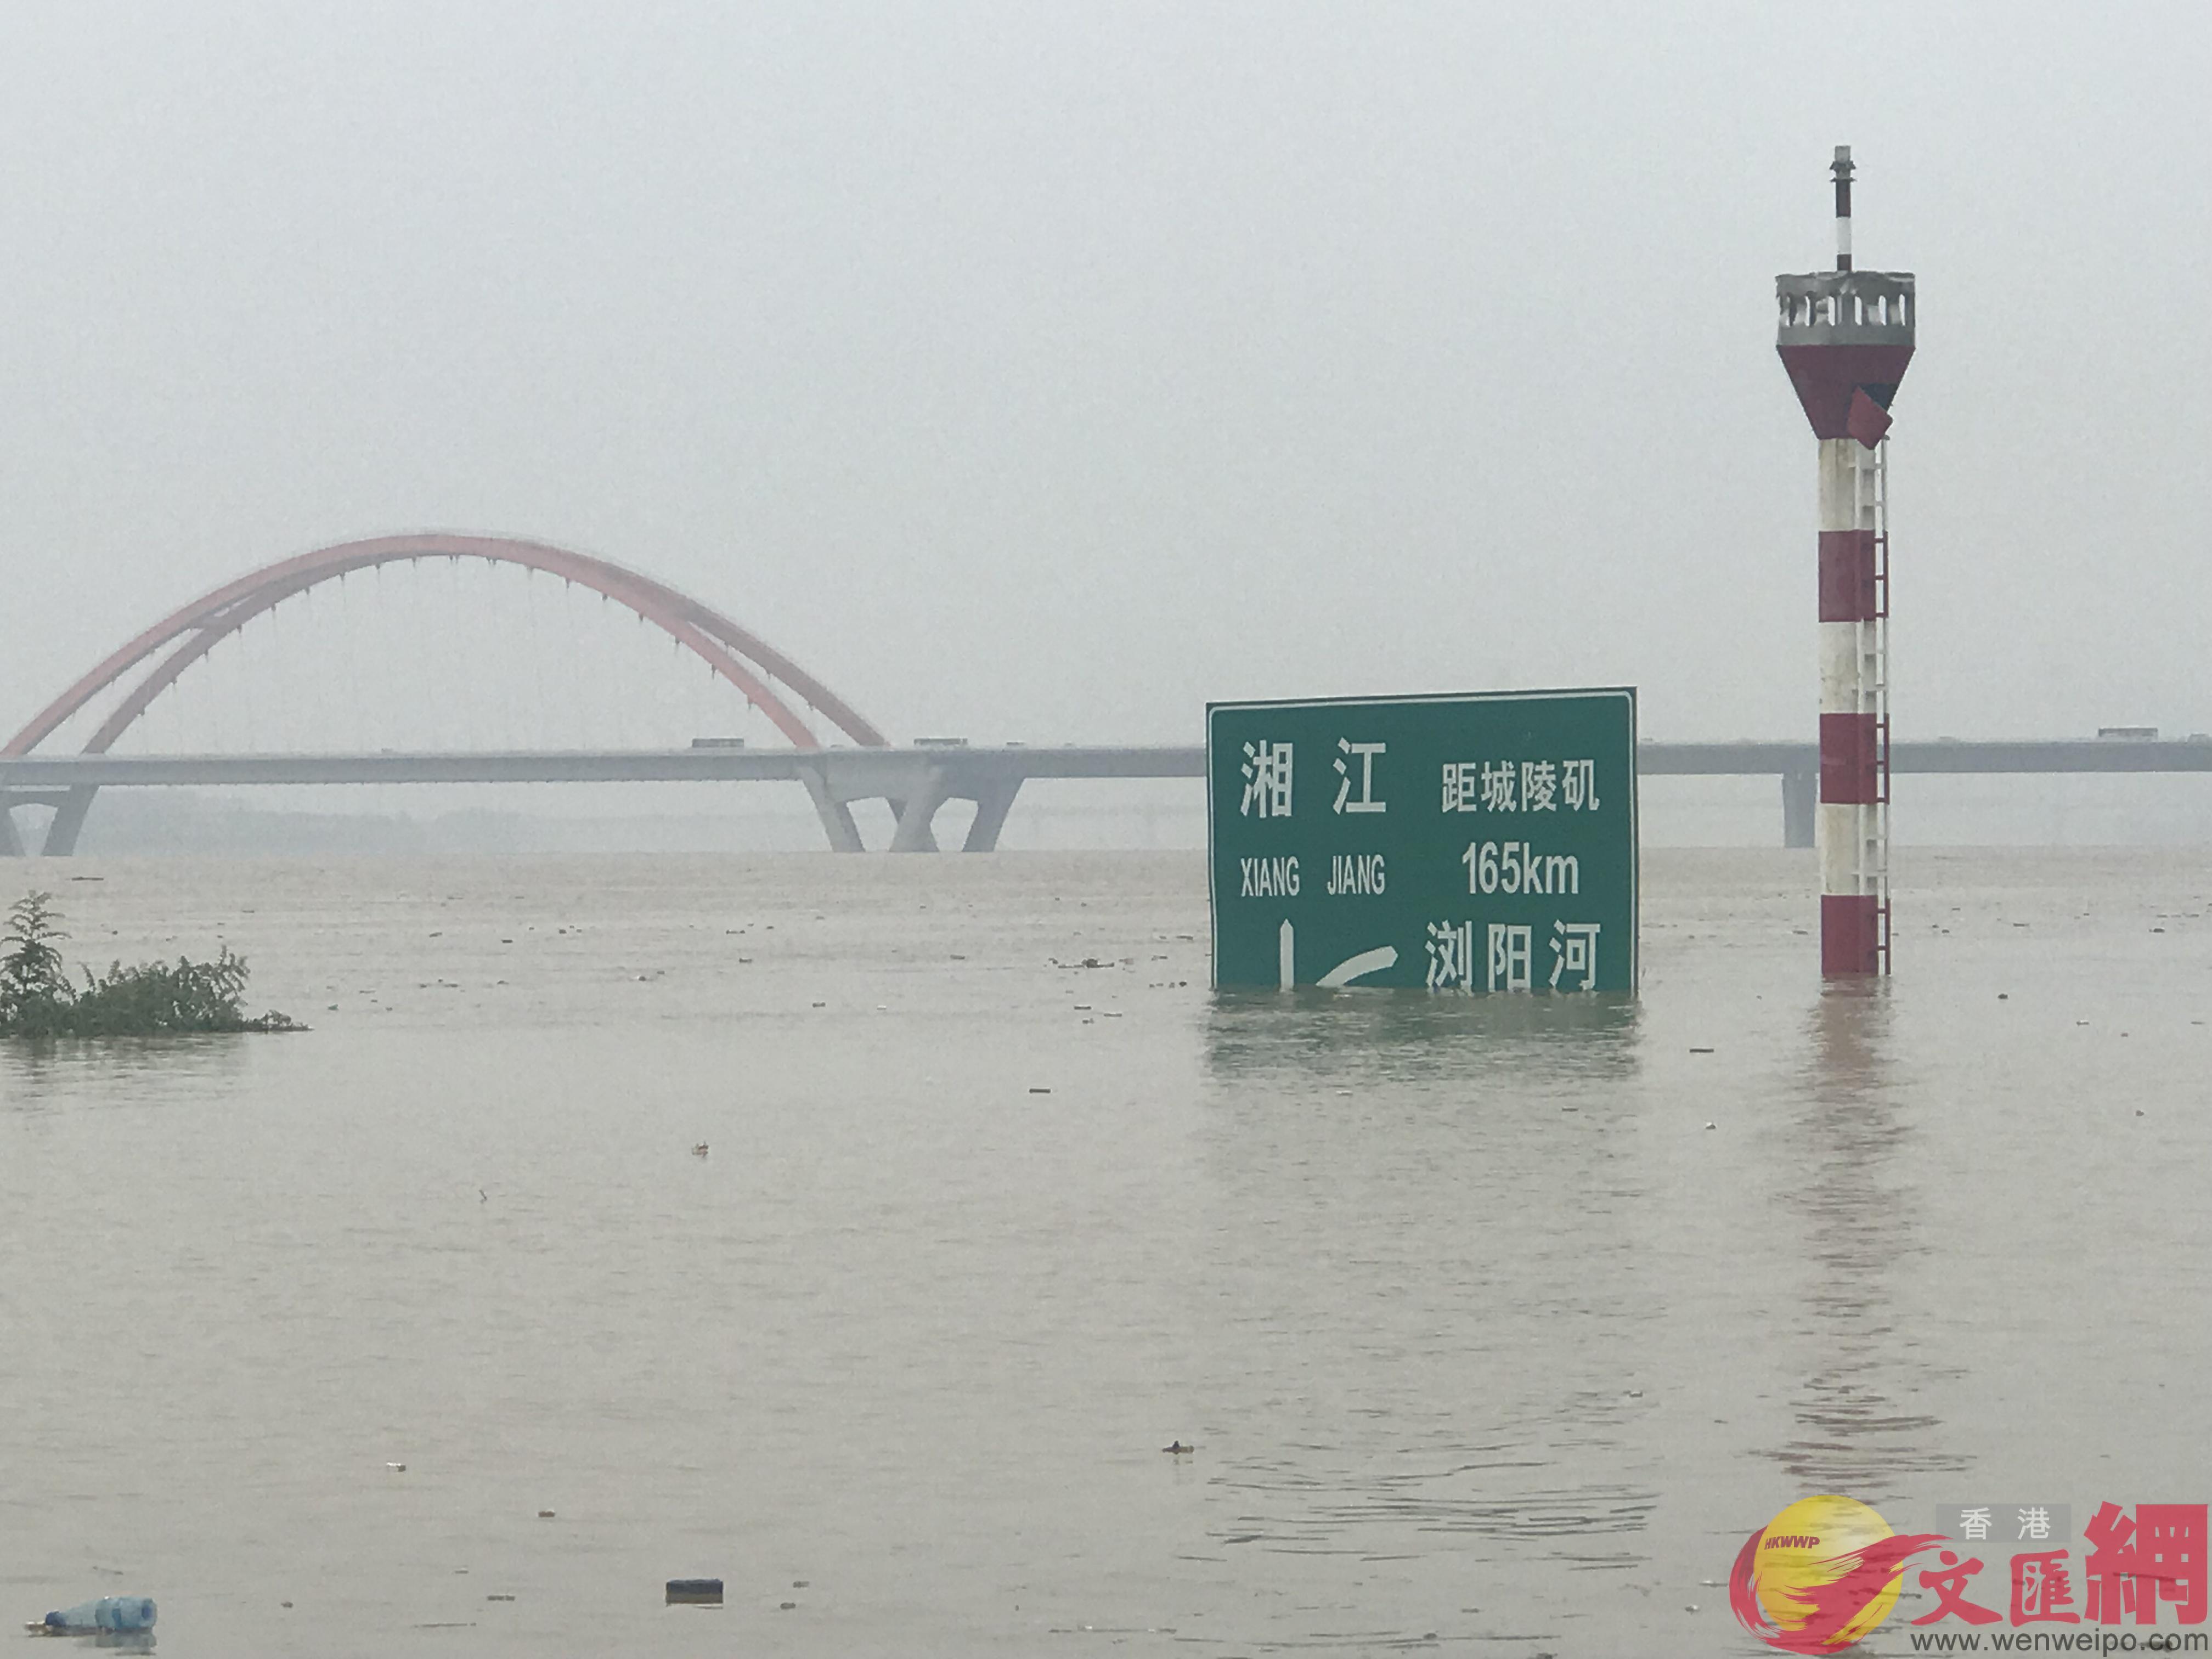 長沙新河三角洲的濱江文化園,沿江道路上的指示路牌被江水淹沒了三分之二。(湖南姚進 攝)